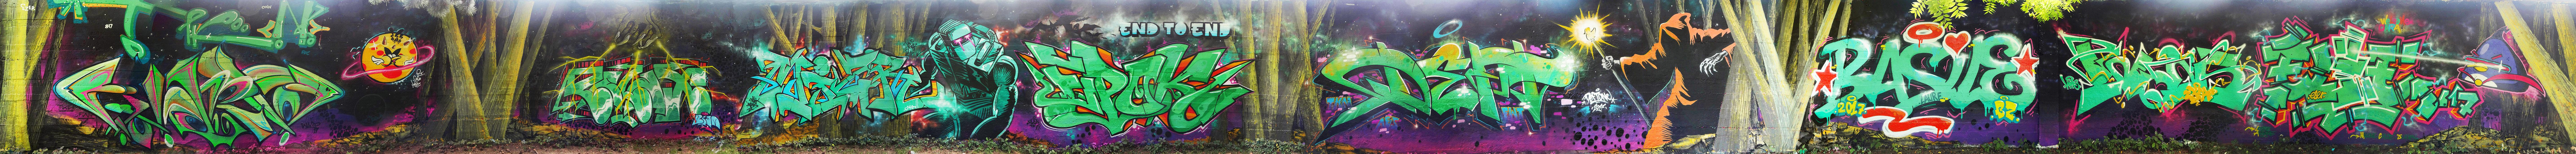 Fresque Graffiti - Chambery